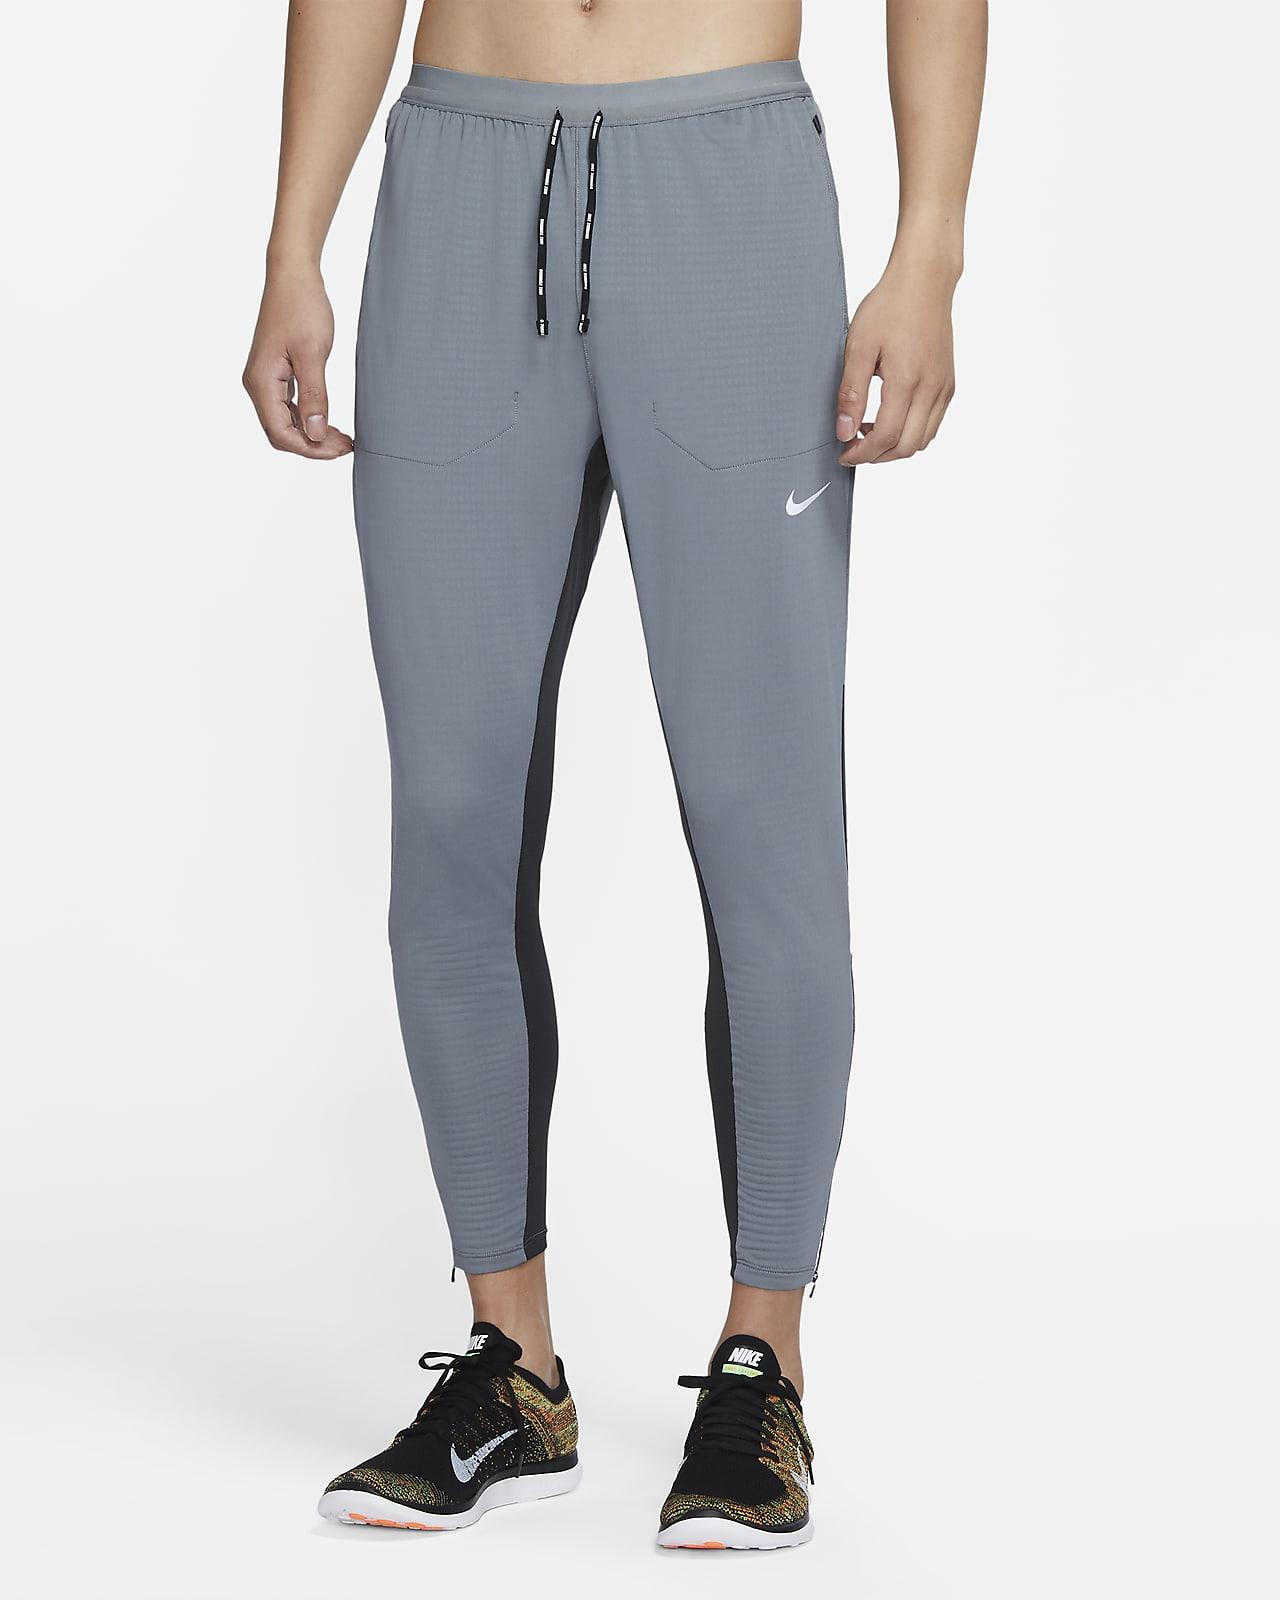 กางเกงวิ่งแบบถักผู้ชาย Nike Phenom Elite